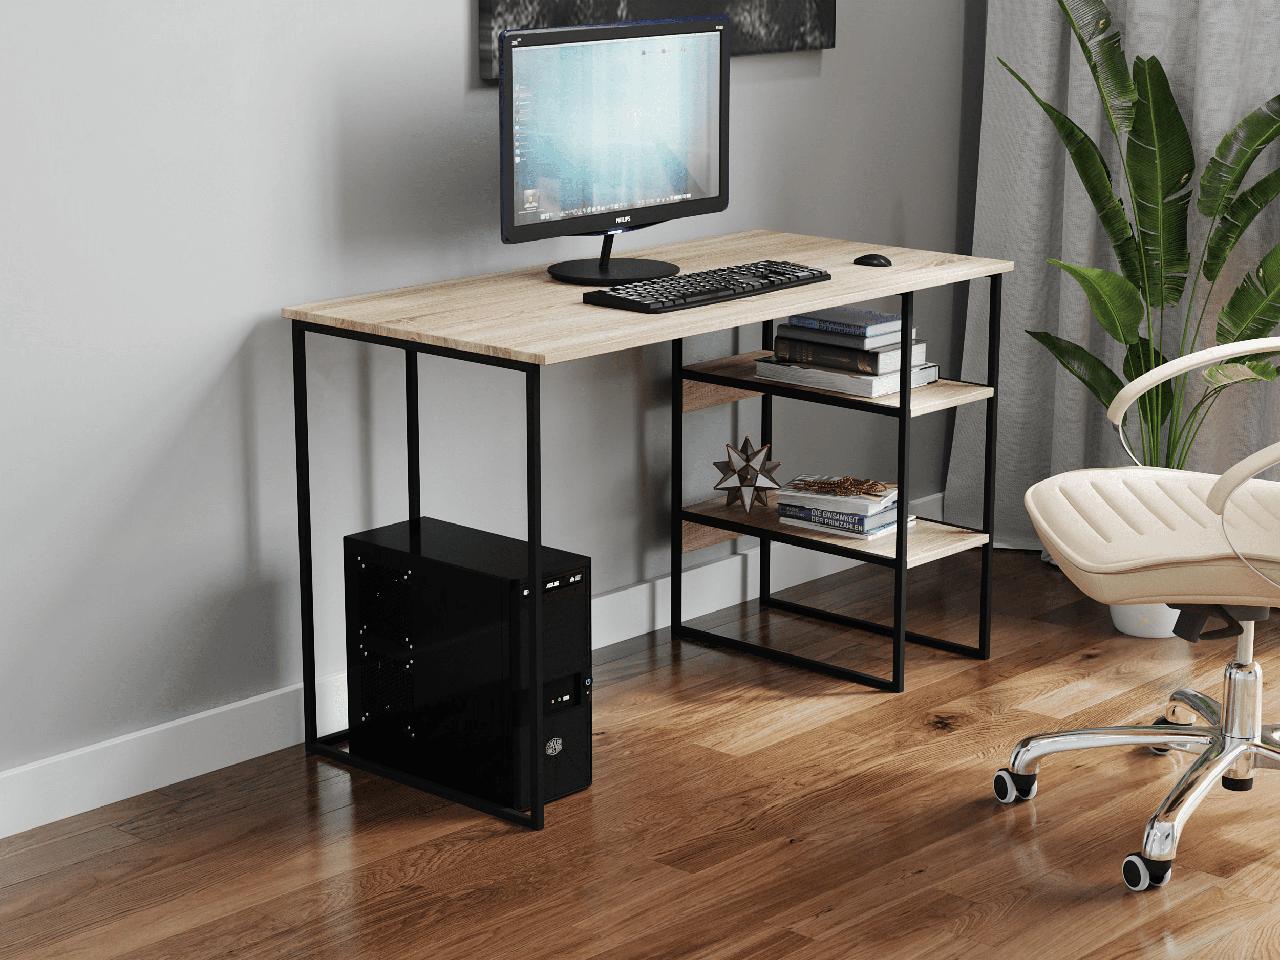 Компьютерный стол на металлических ножках с 2 полками сбоку из ДСП Код: VZ-22